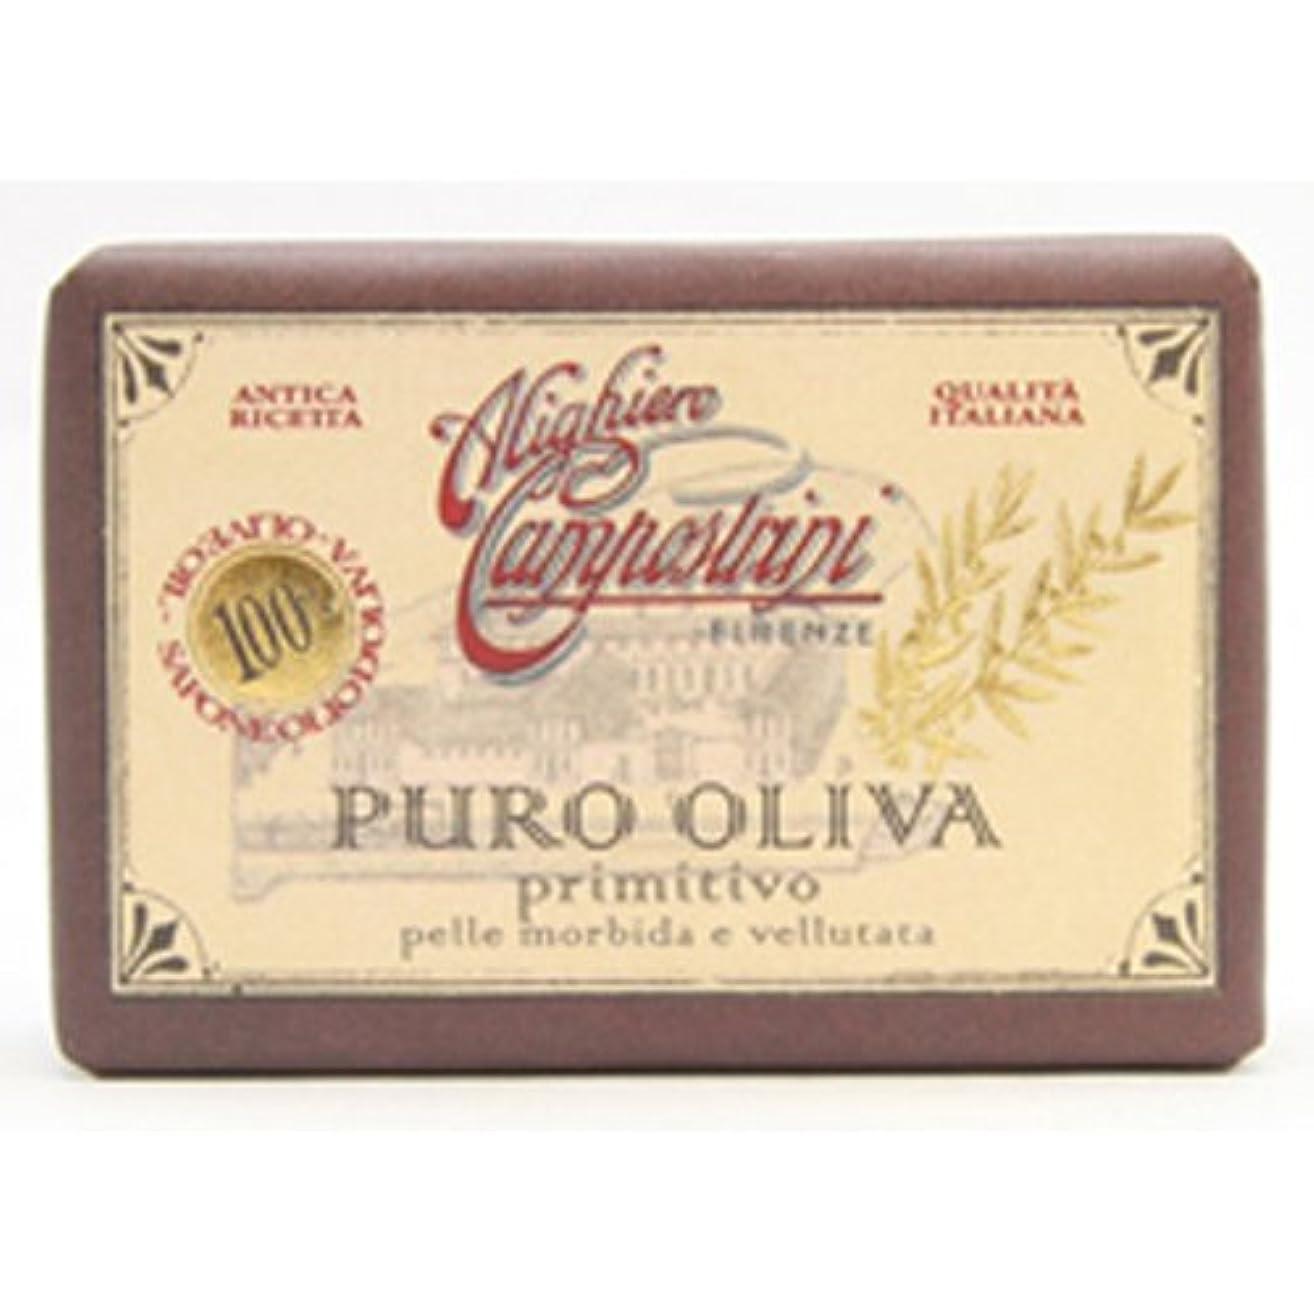 非効率的な操作維持するSaponerire Fissi サポネリーフィッシー PURO OLIVA Soap オリーブオイル ピュロ ソープ primitivo オリジナル 150g